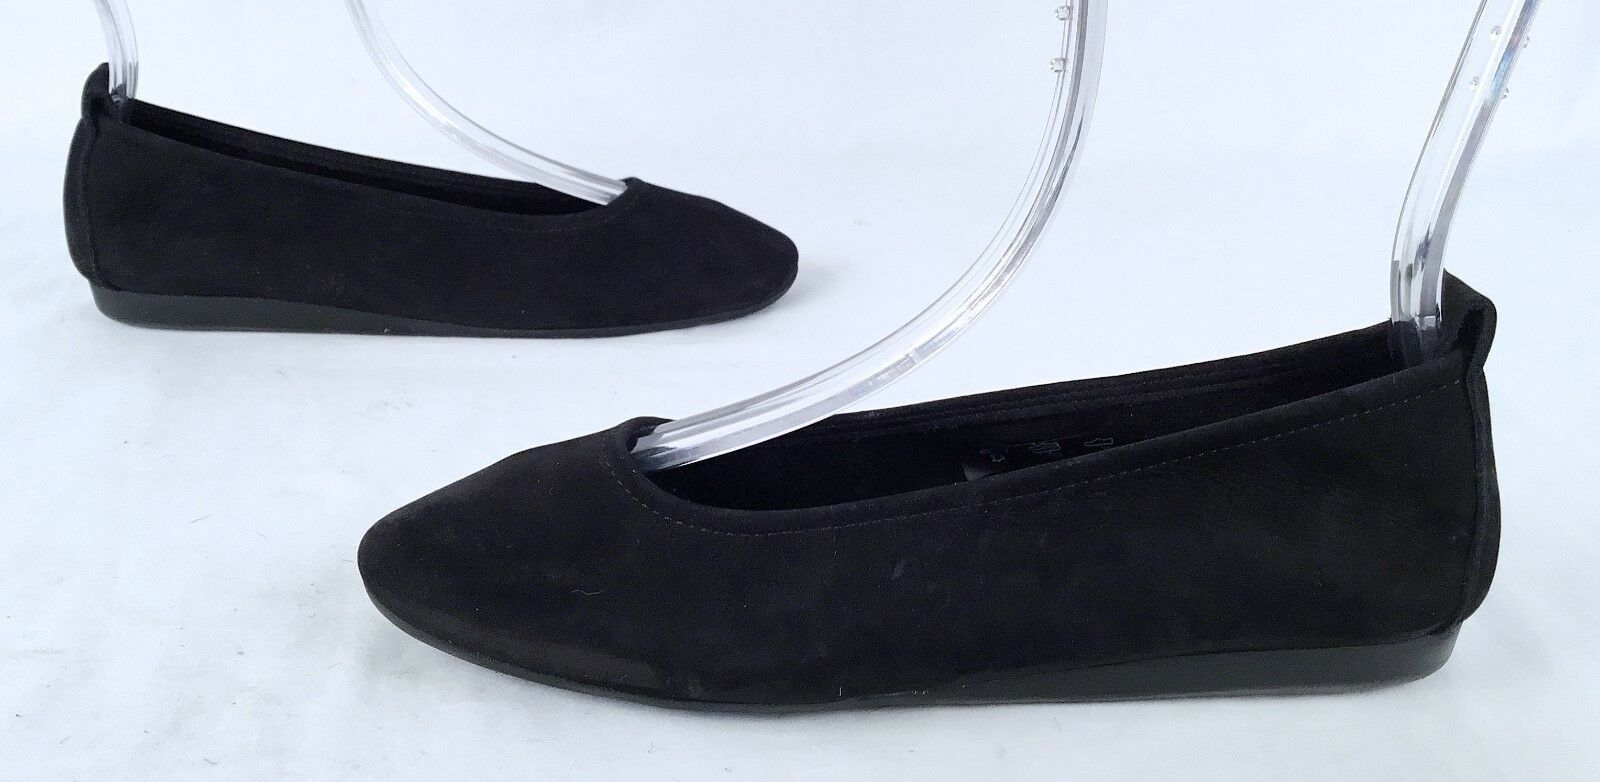 Arche  Laďus's flat-noir-Taille 5 US 36 EU 298   - (P38)